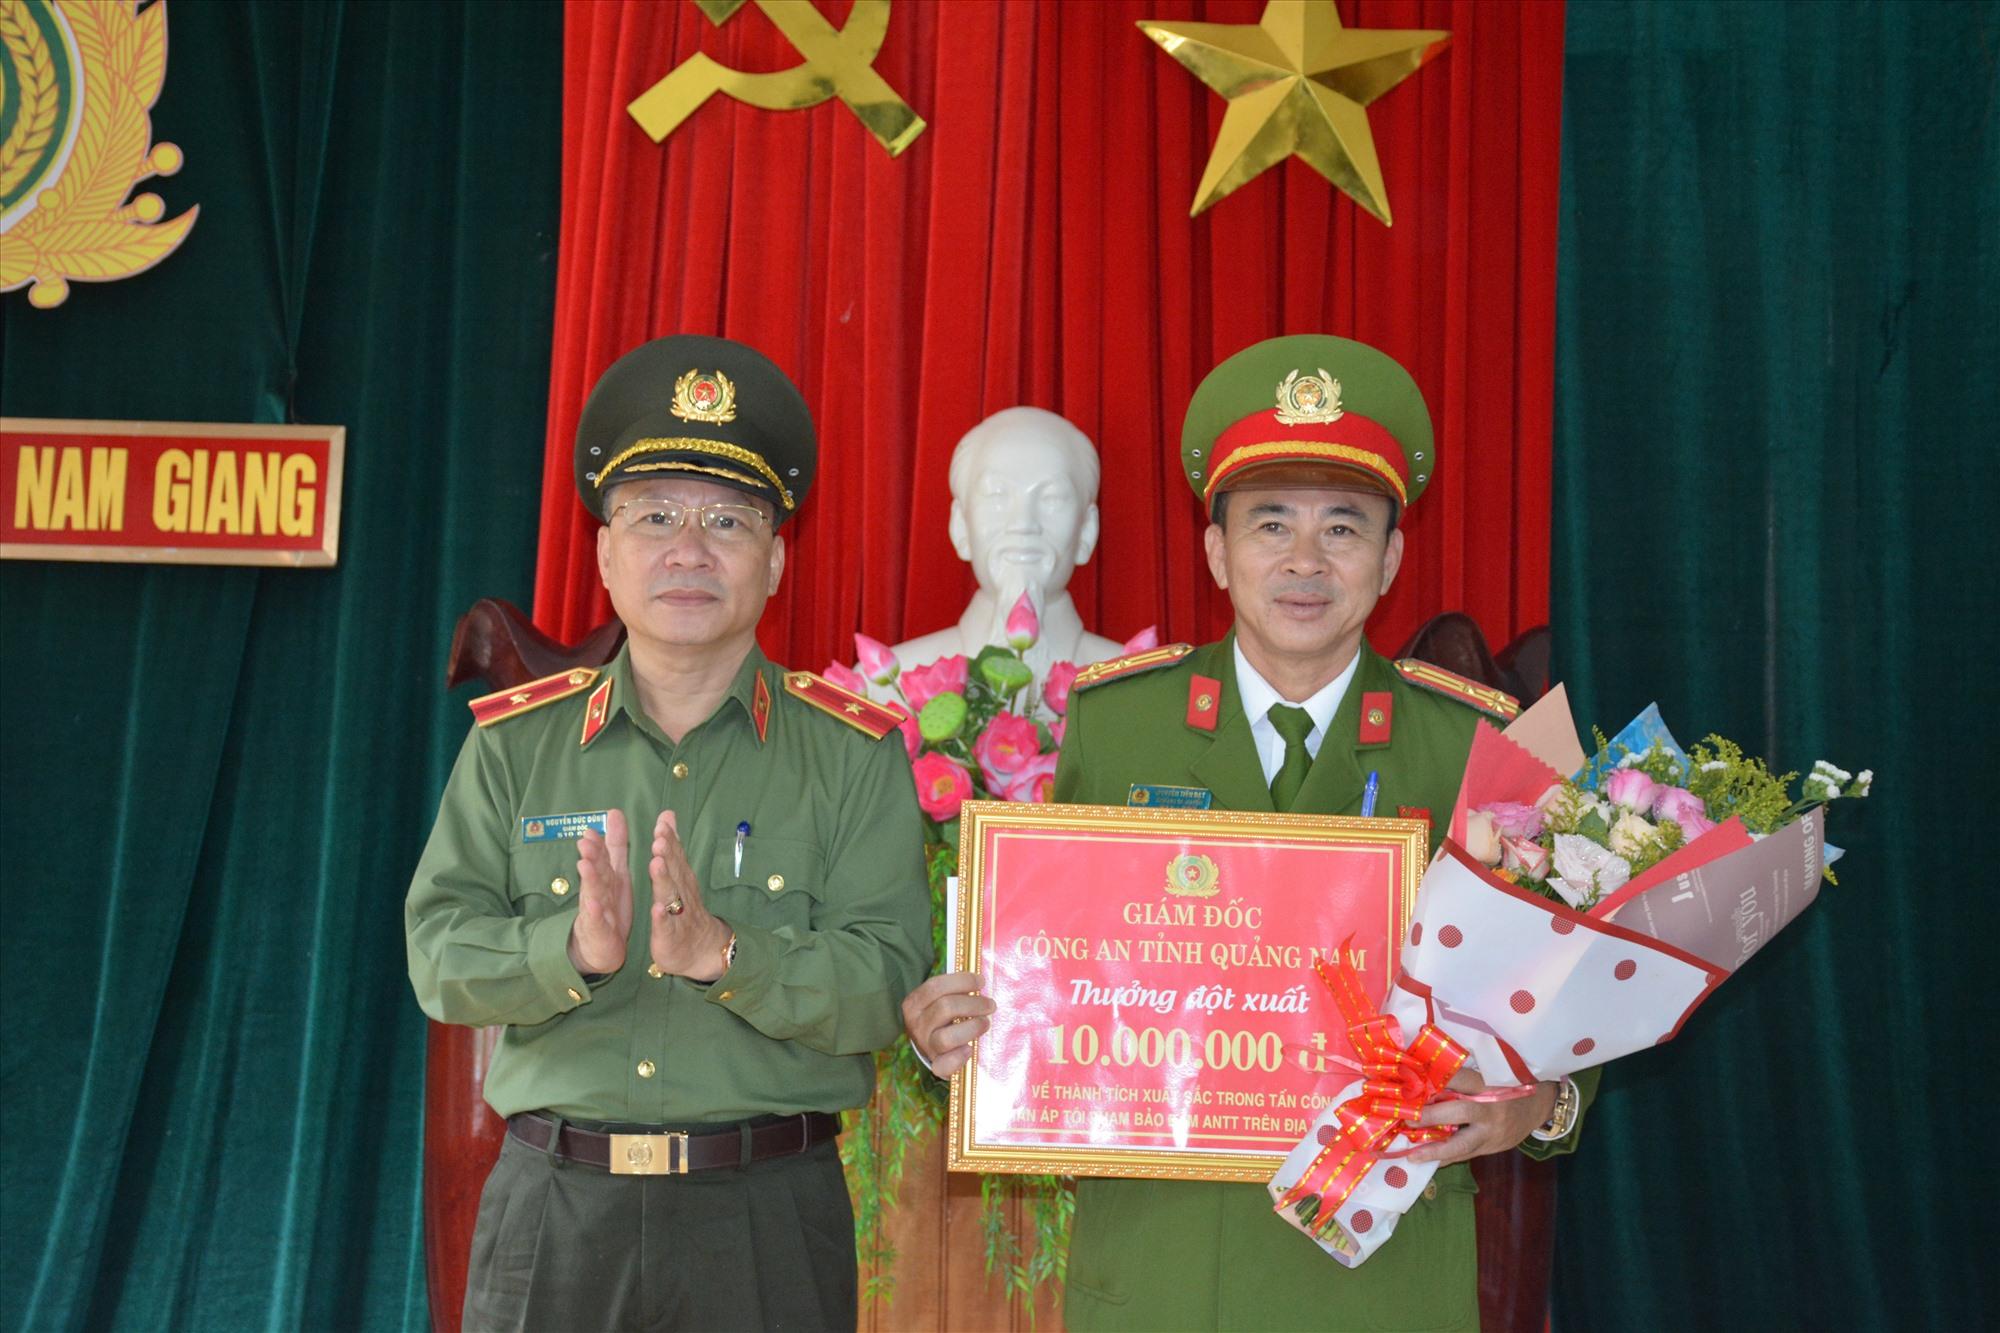 Thiếu tướng Nguyễn Đức Dũng, Giám đốc Công an tỉnh thưởng đột xuất 10 triệu đồng cho Công an huyện Nam Giang.